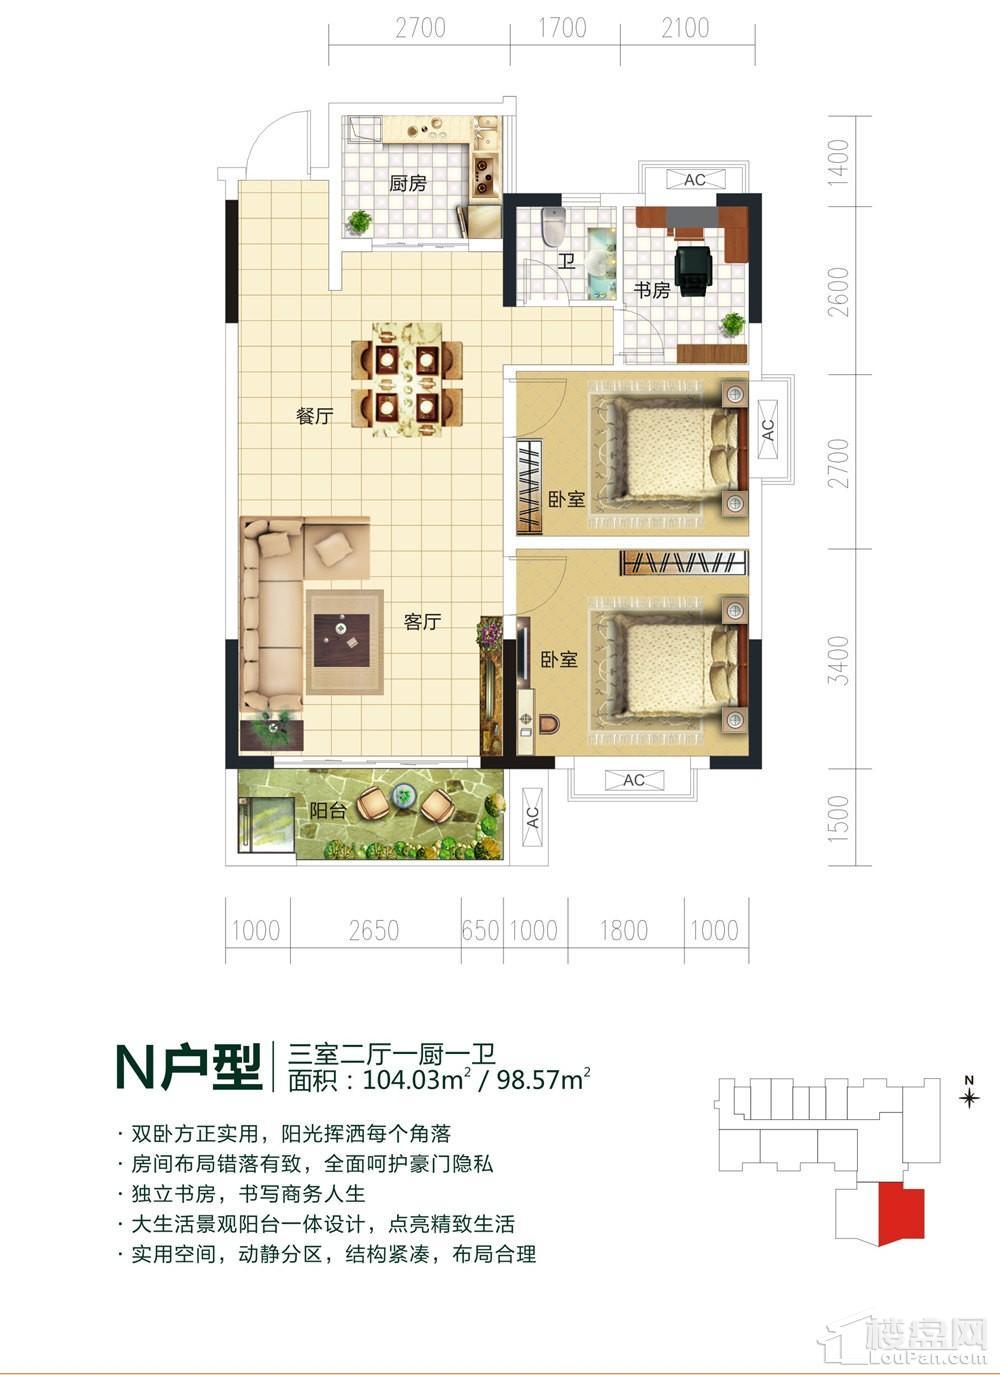 燕泉中心N户型